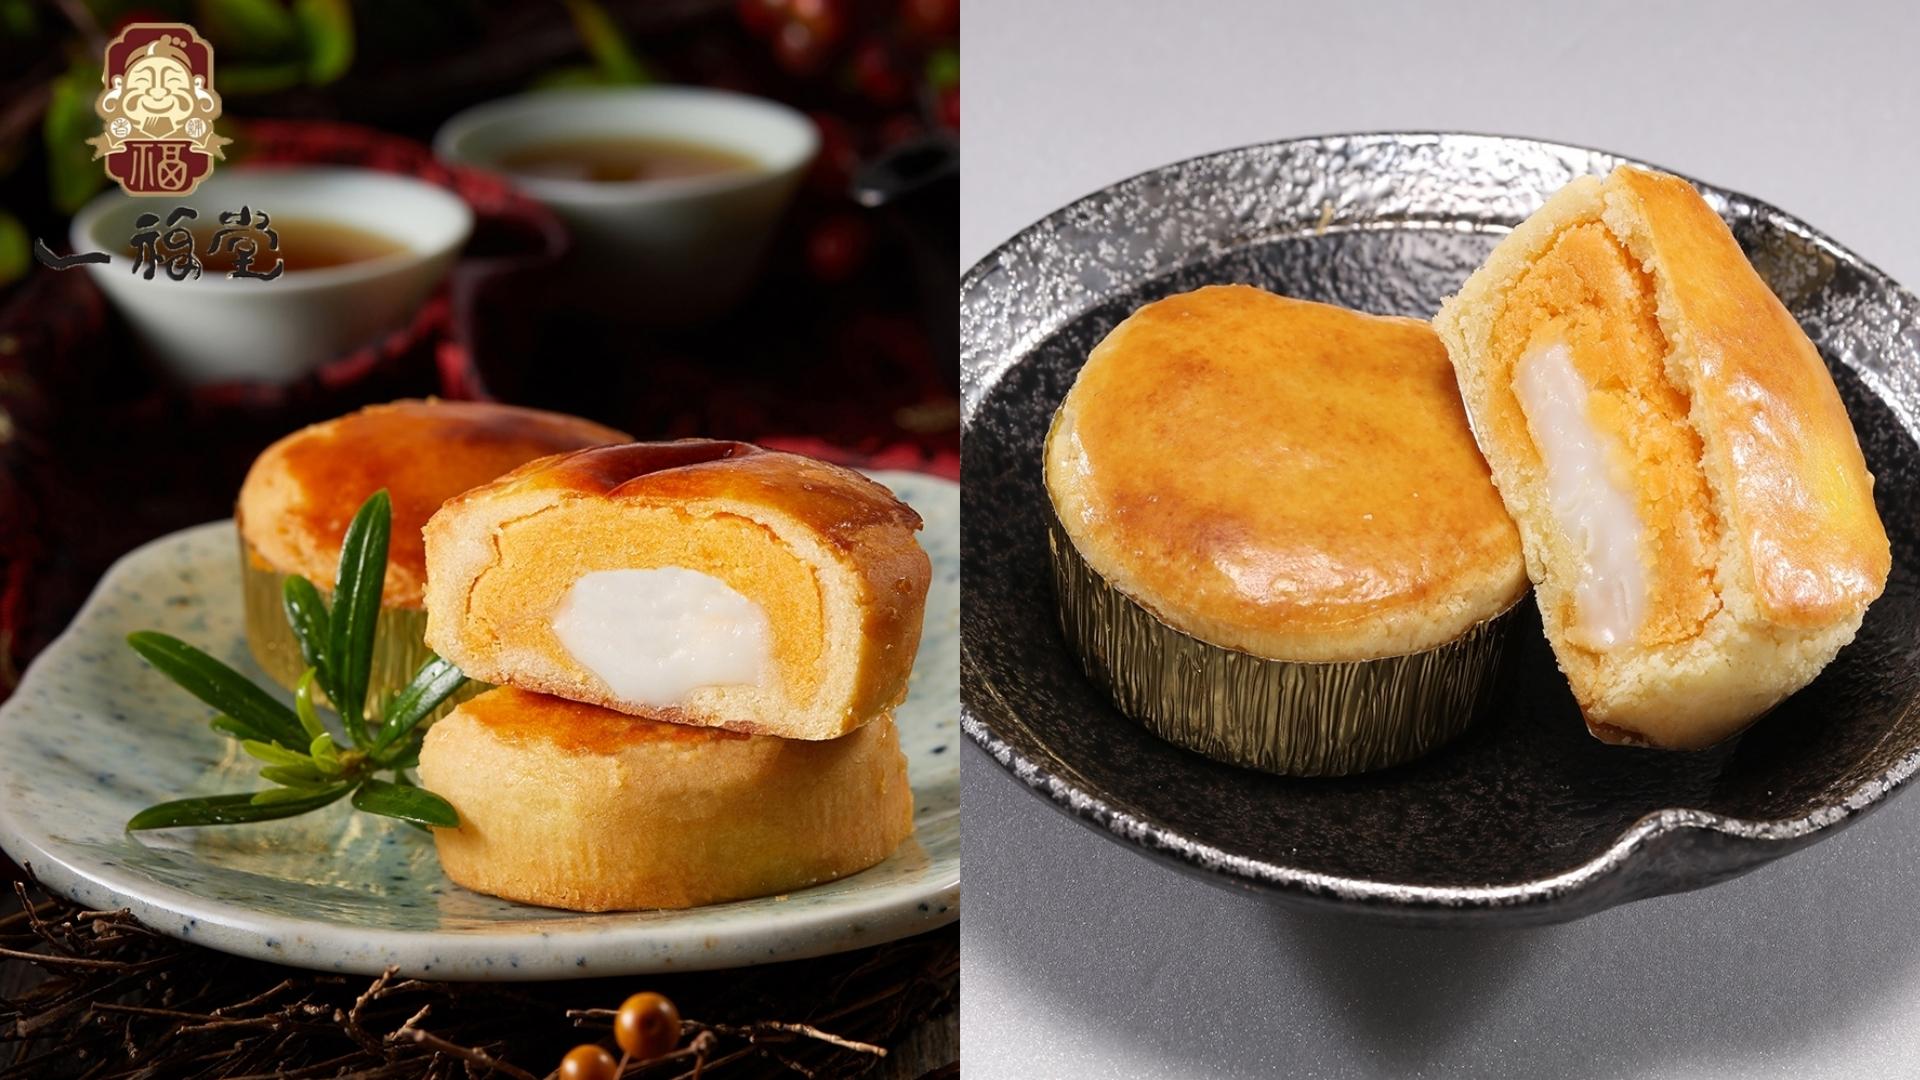 而這款黃金Q餅外皮有著起士的香濃,內餡佐以切達乳酪的鬆酥,再加入QQ麻糬,一口咬下口感層次超級豐富,完美的組合讓人難以抗拒, 讓您一嚐誠主顧!